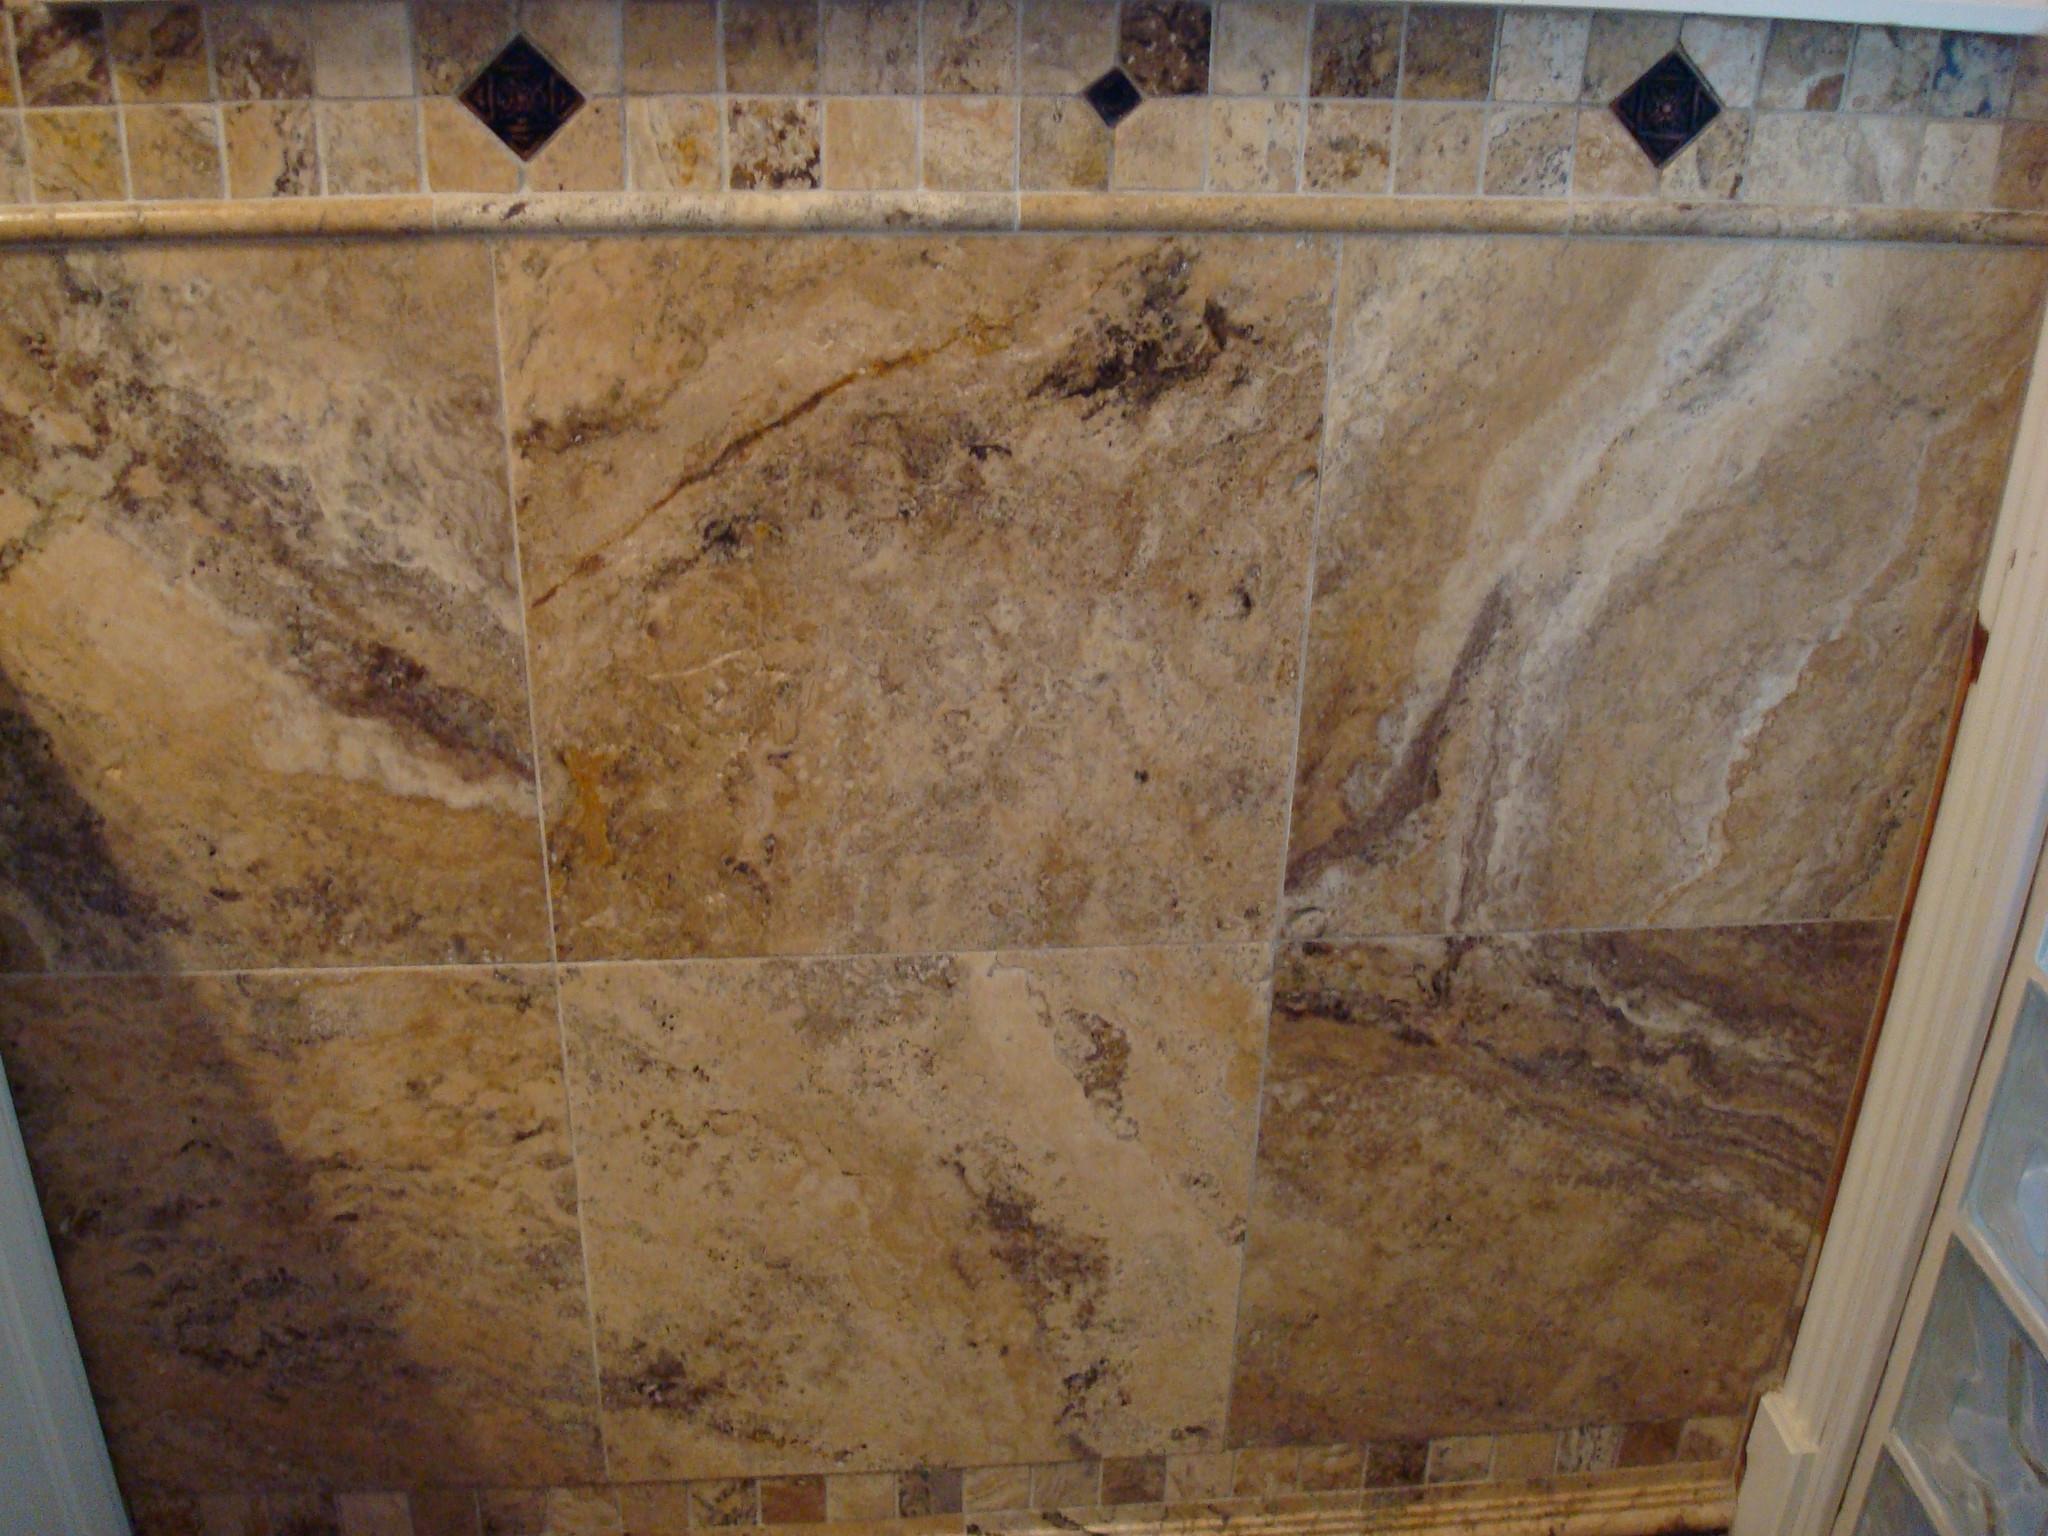 Tiimbercreek Court - 1/2 Bathroom Remodel